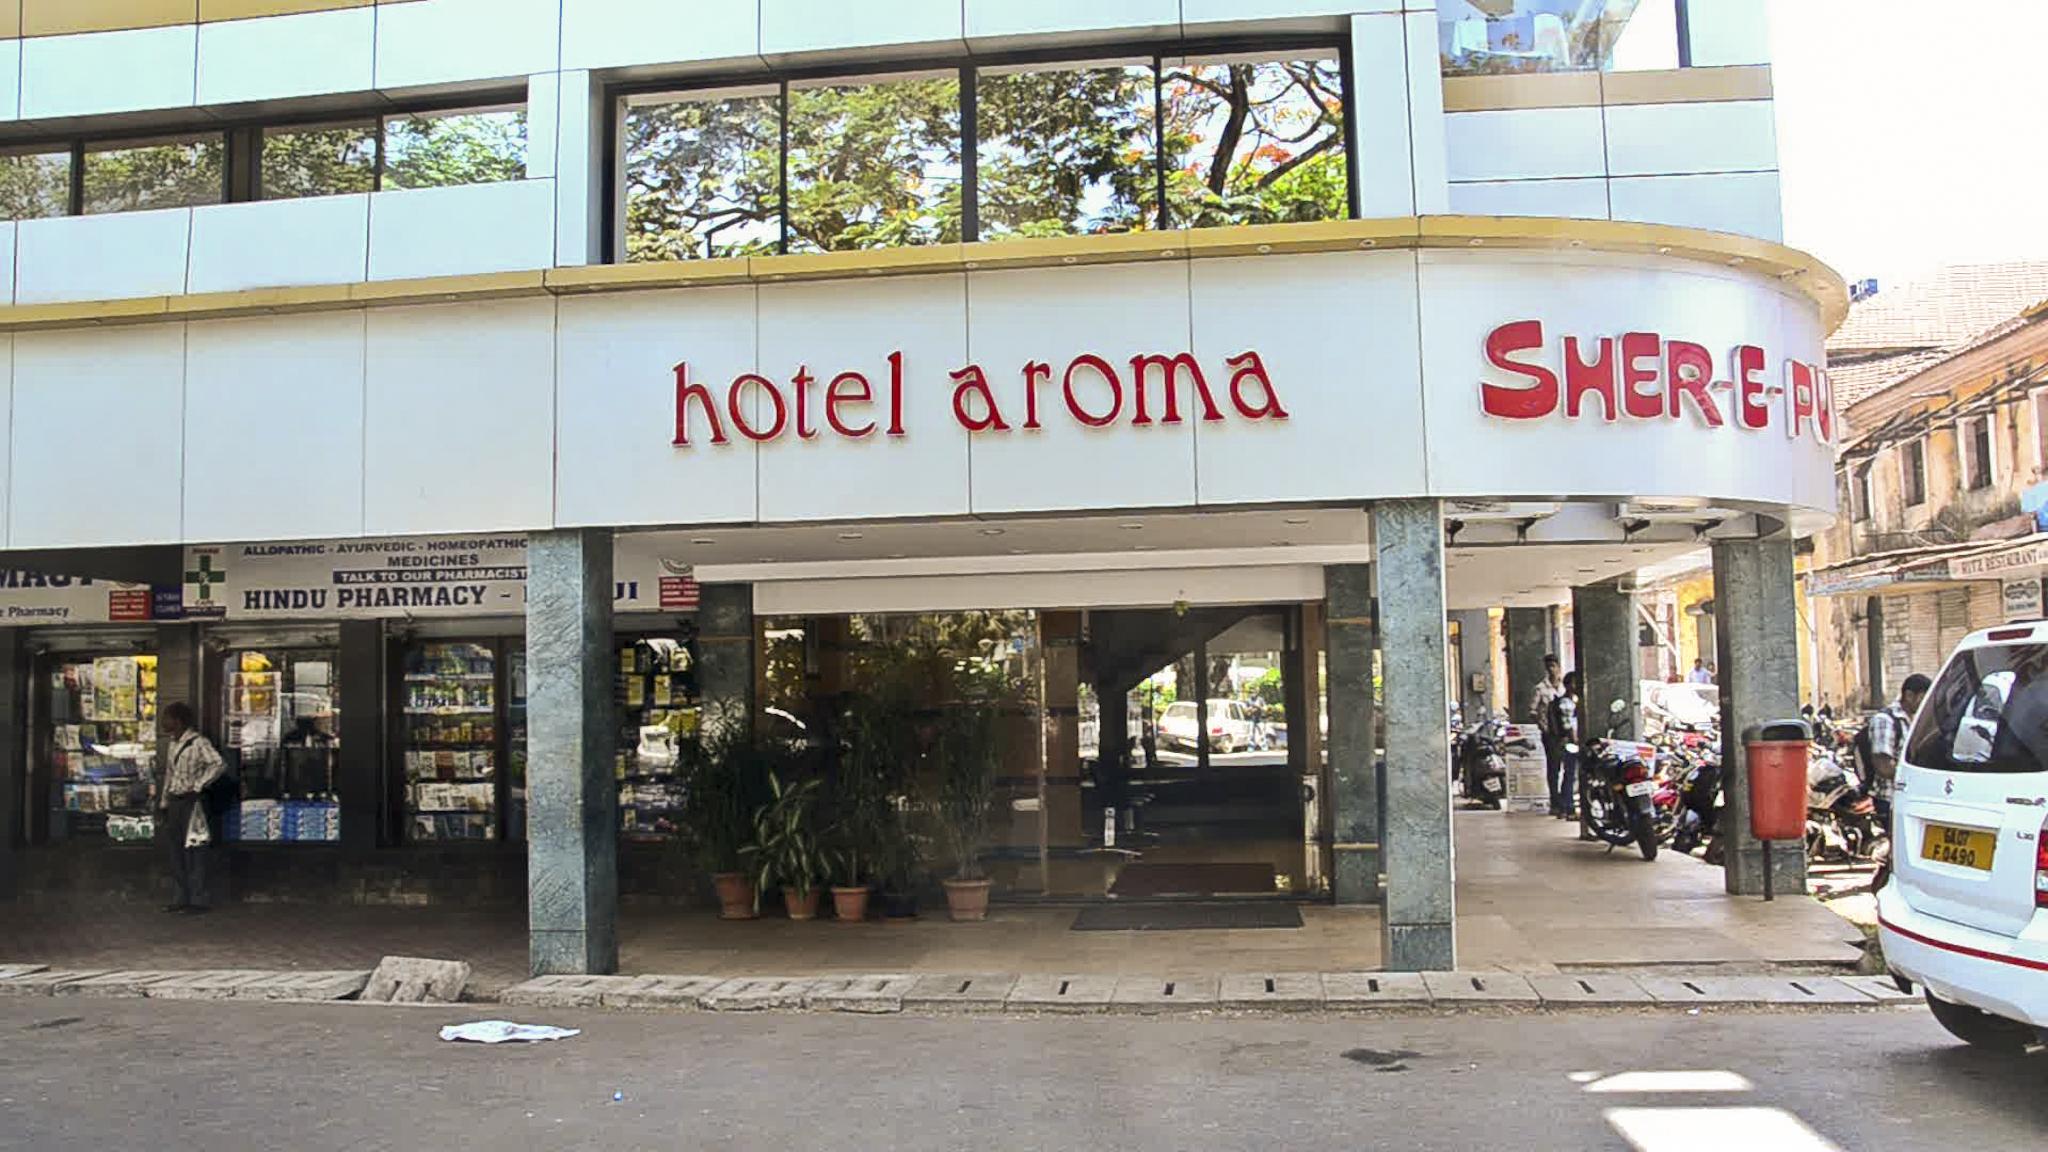 Hotel Aroma in Panaji